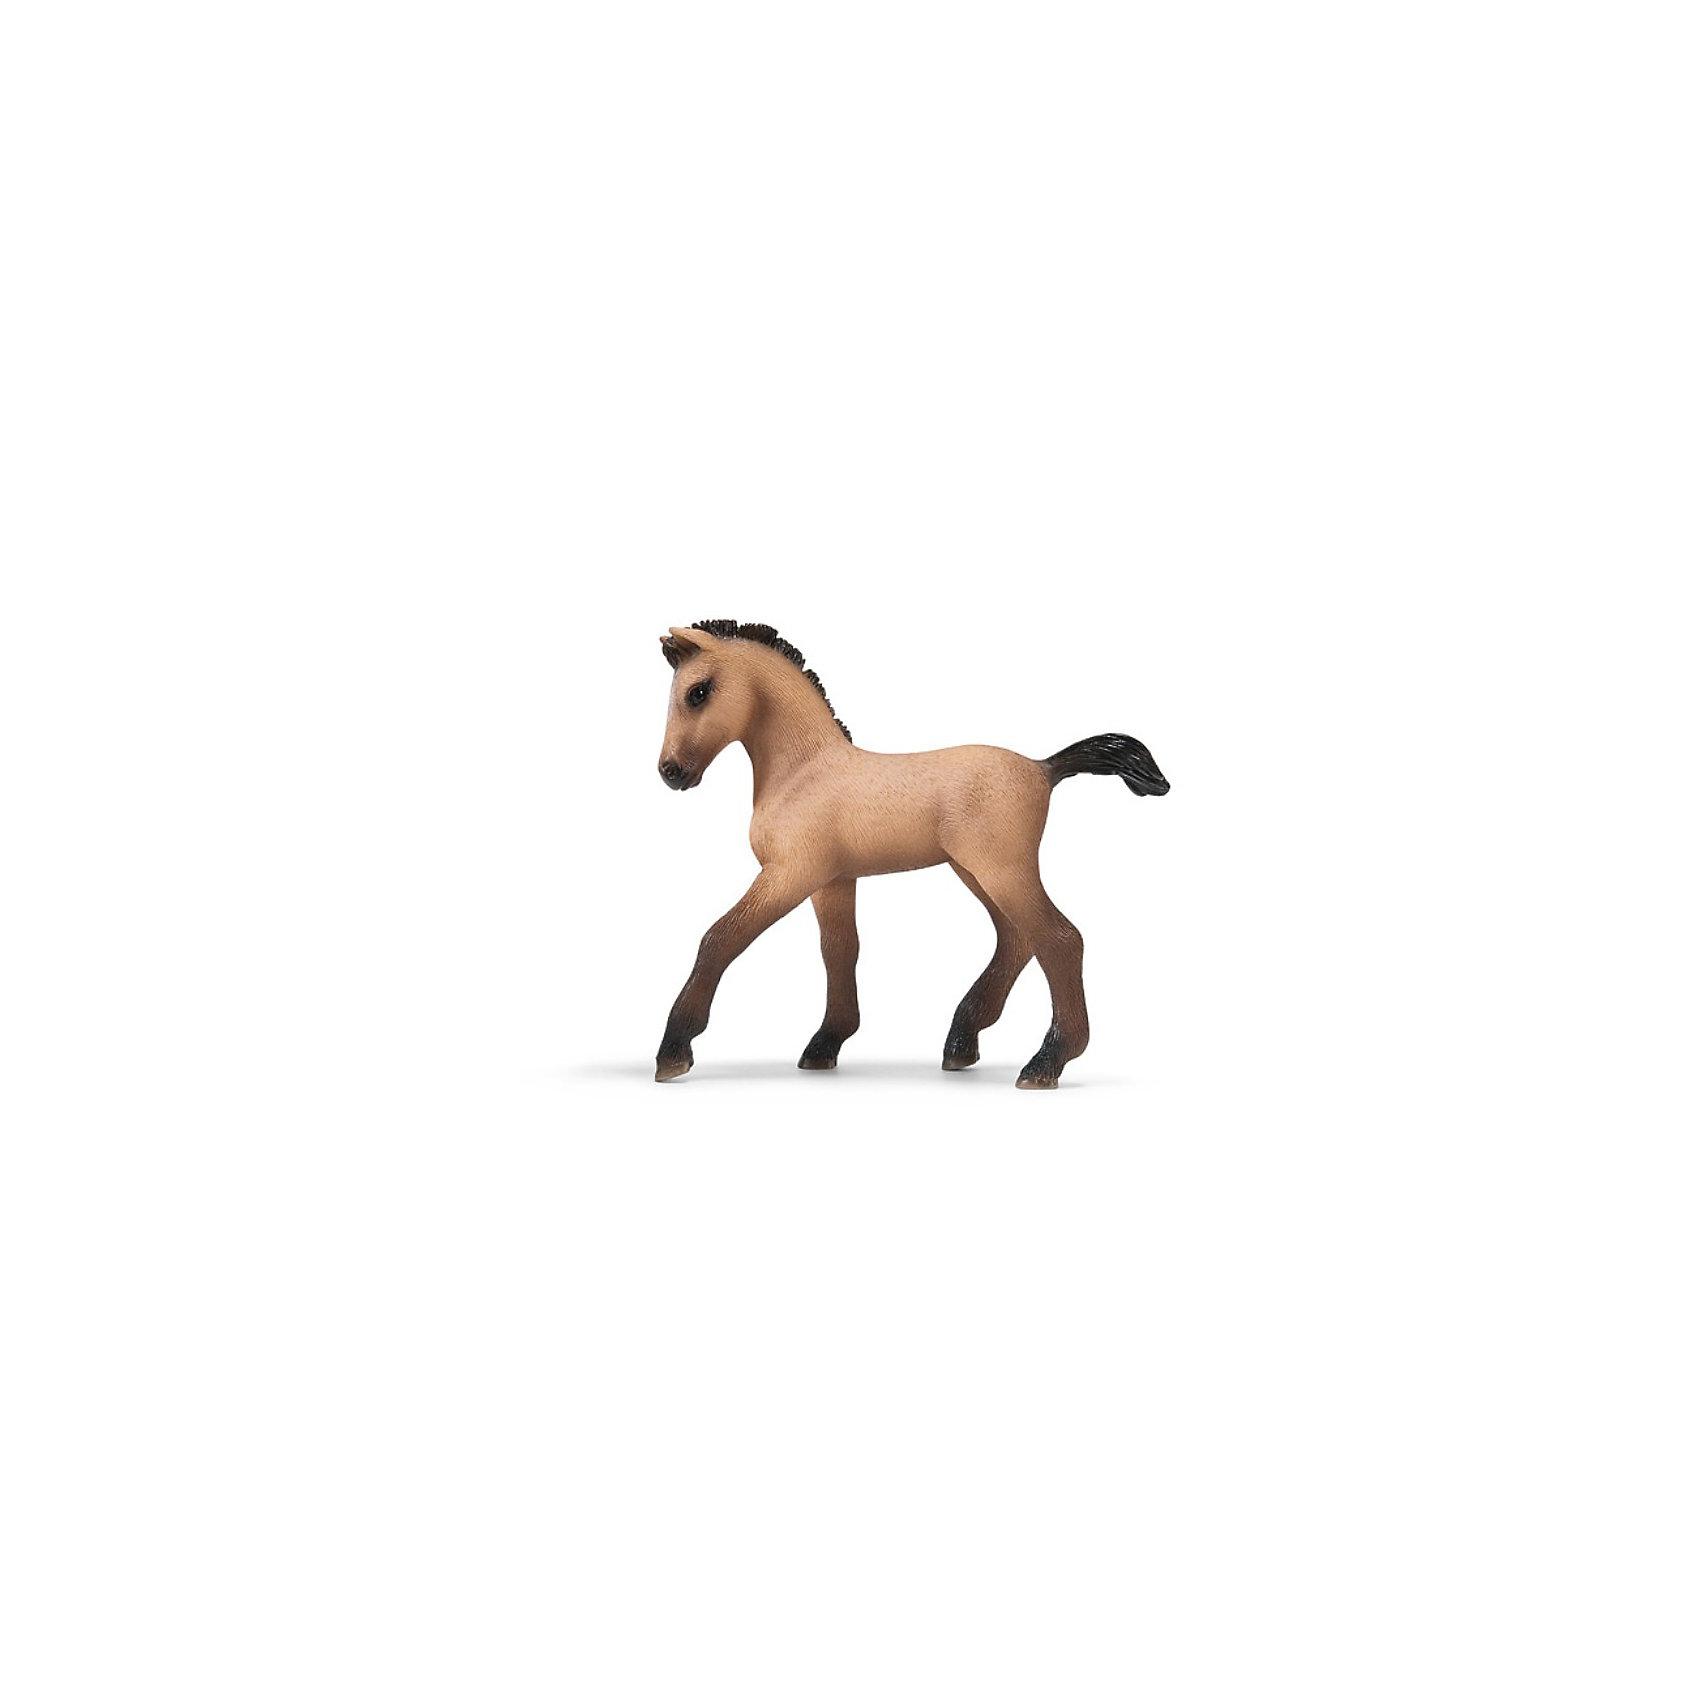 Schleich Жеребенок андалузской породы. Серия ЛошадиМир животных<br>Schleich (Шляйх), жеребенок андалузской породы. Серия Лошади.<br><br>Характеристика:<br><br>• Материал: резина, пластик.  <br>• Размер фигурки: 8,5x2,5x8 см. <br>• Фигурка прекрасно детализирована.<br>• Реалистично раскрашена вручную. <br><br>Фигурка жеребенка андалузской породы очень похожа на живую лощадь, отлично детализирована и реалистично раскрашена. Игрушки серии Лошади от немецкого бренда Schleich изготовлены из высококачественных экологичных материалов, с применением только безопасных, нетоксичных красителей. Собери всю коллекцию Schleich и познакомься поближе с такими удивительными дикими и домашними животными! <br><br>Schleich (Шляйх), жеребенка андалузской породы, серия Лошади, можно купить в нашем интернет-магазине.<br><br>Ширина мм: 125<br>Глубина мм: 93<br>Высота мм: 27<br>Вес г: 32<br>Возраст от месяцев: 36<br>Возраст до месяцев: 96<br>Пол: Женский<br>Возраст: Детский<br>SKU: 1978639